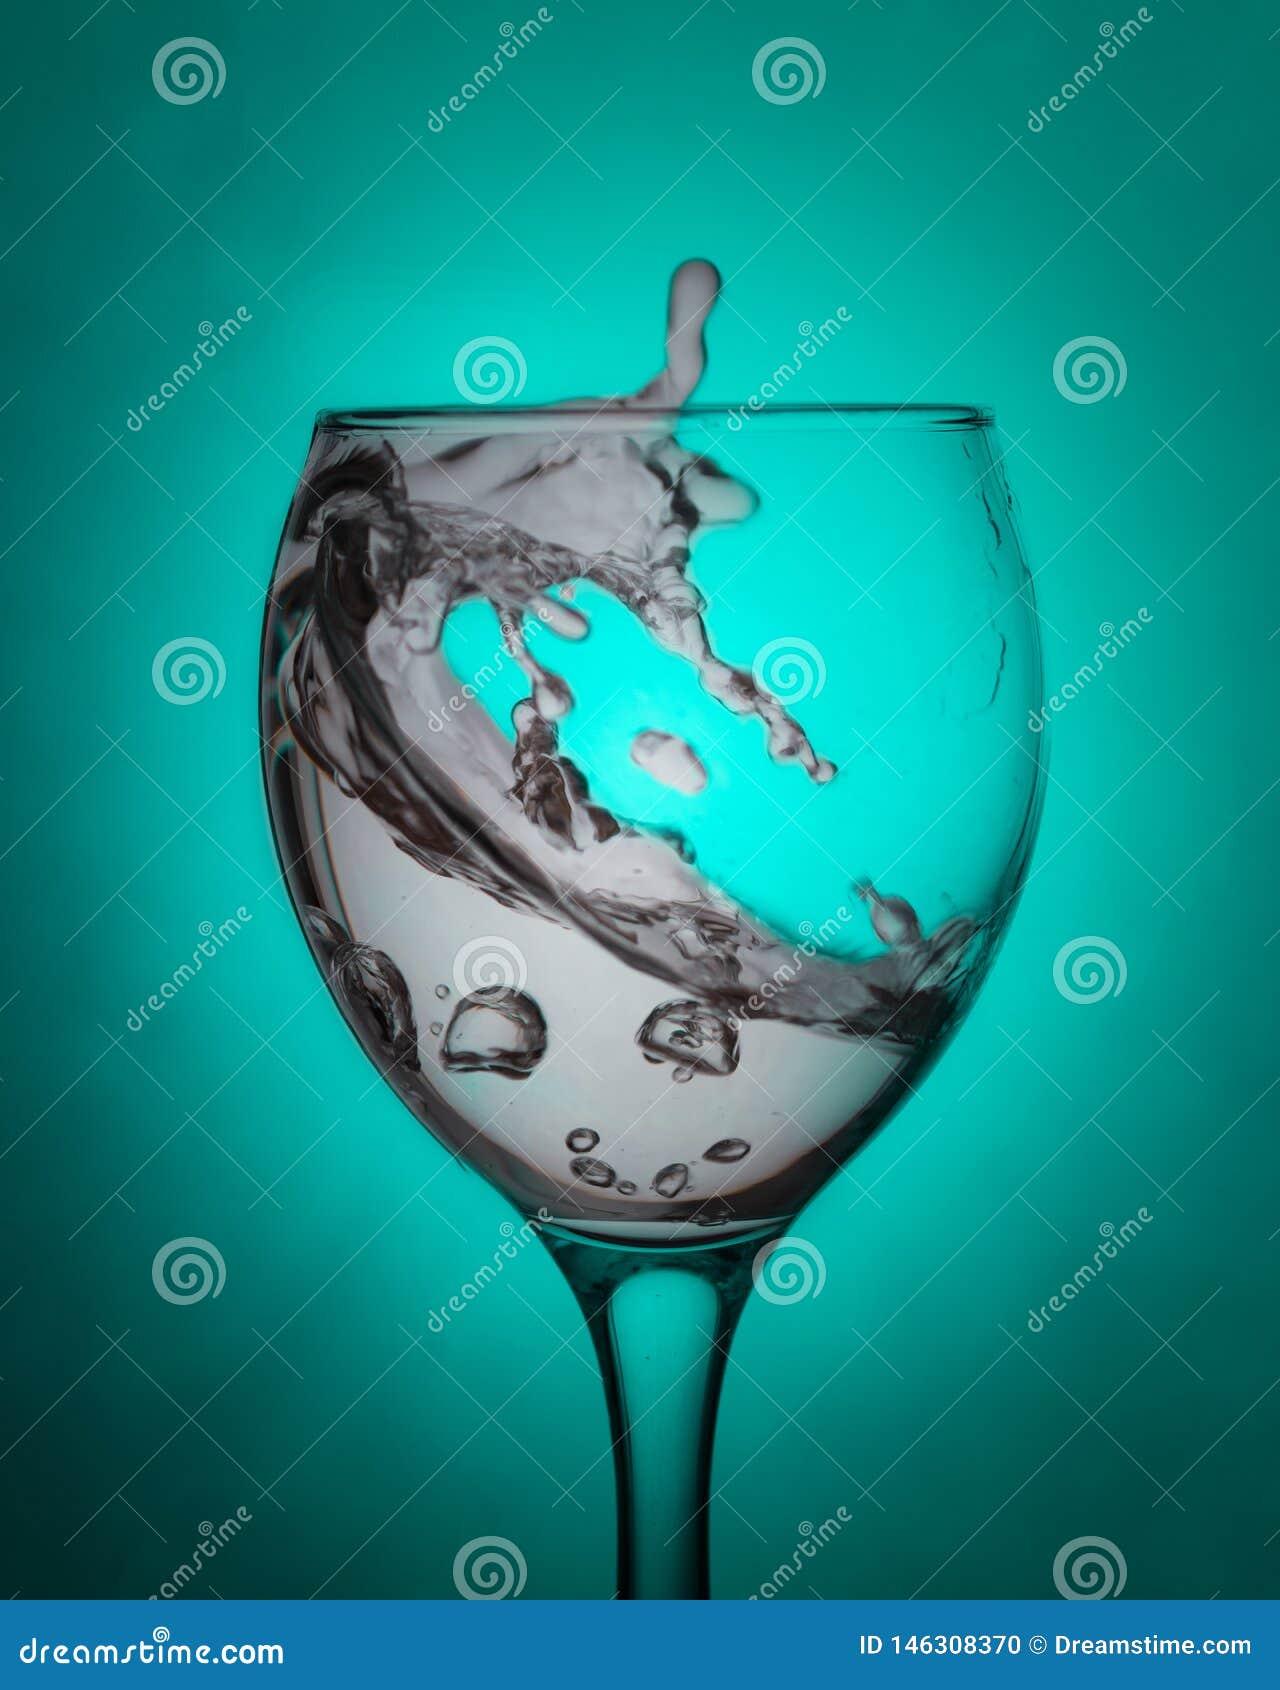 Νερό σε ένα καθαρό γυαλί